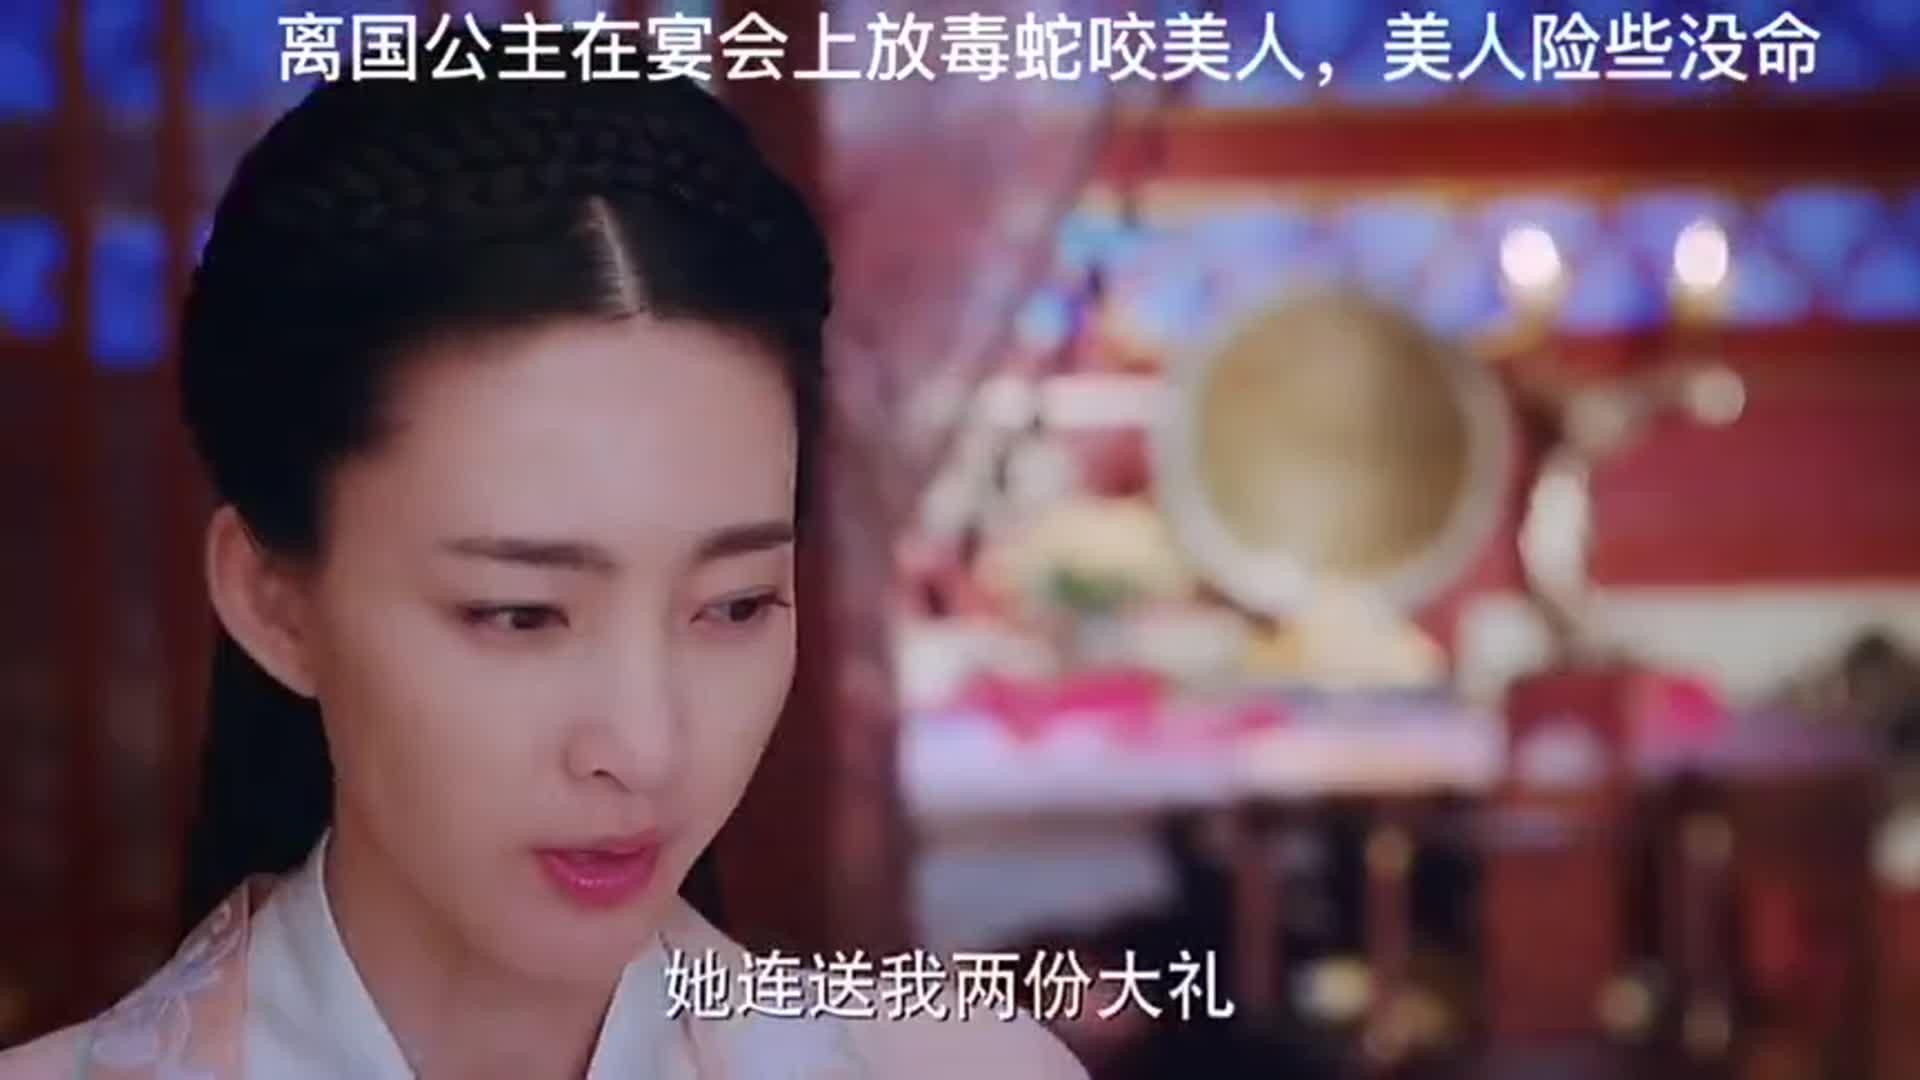 离国公主在宴会放毒蛇咬伤美人,女人的嫉妒心真是可怕